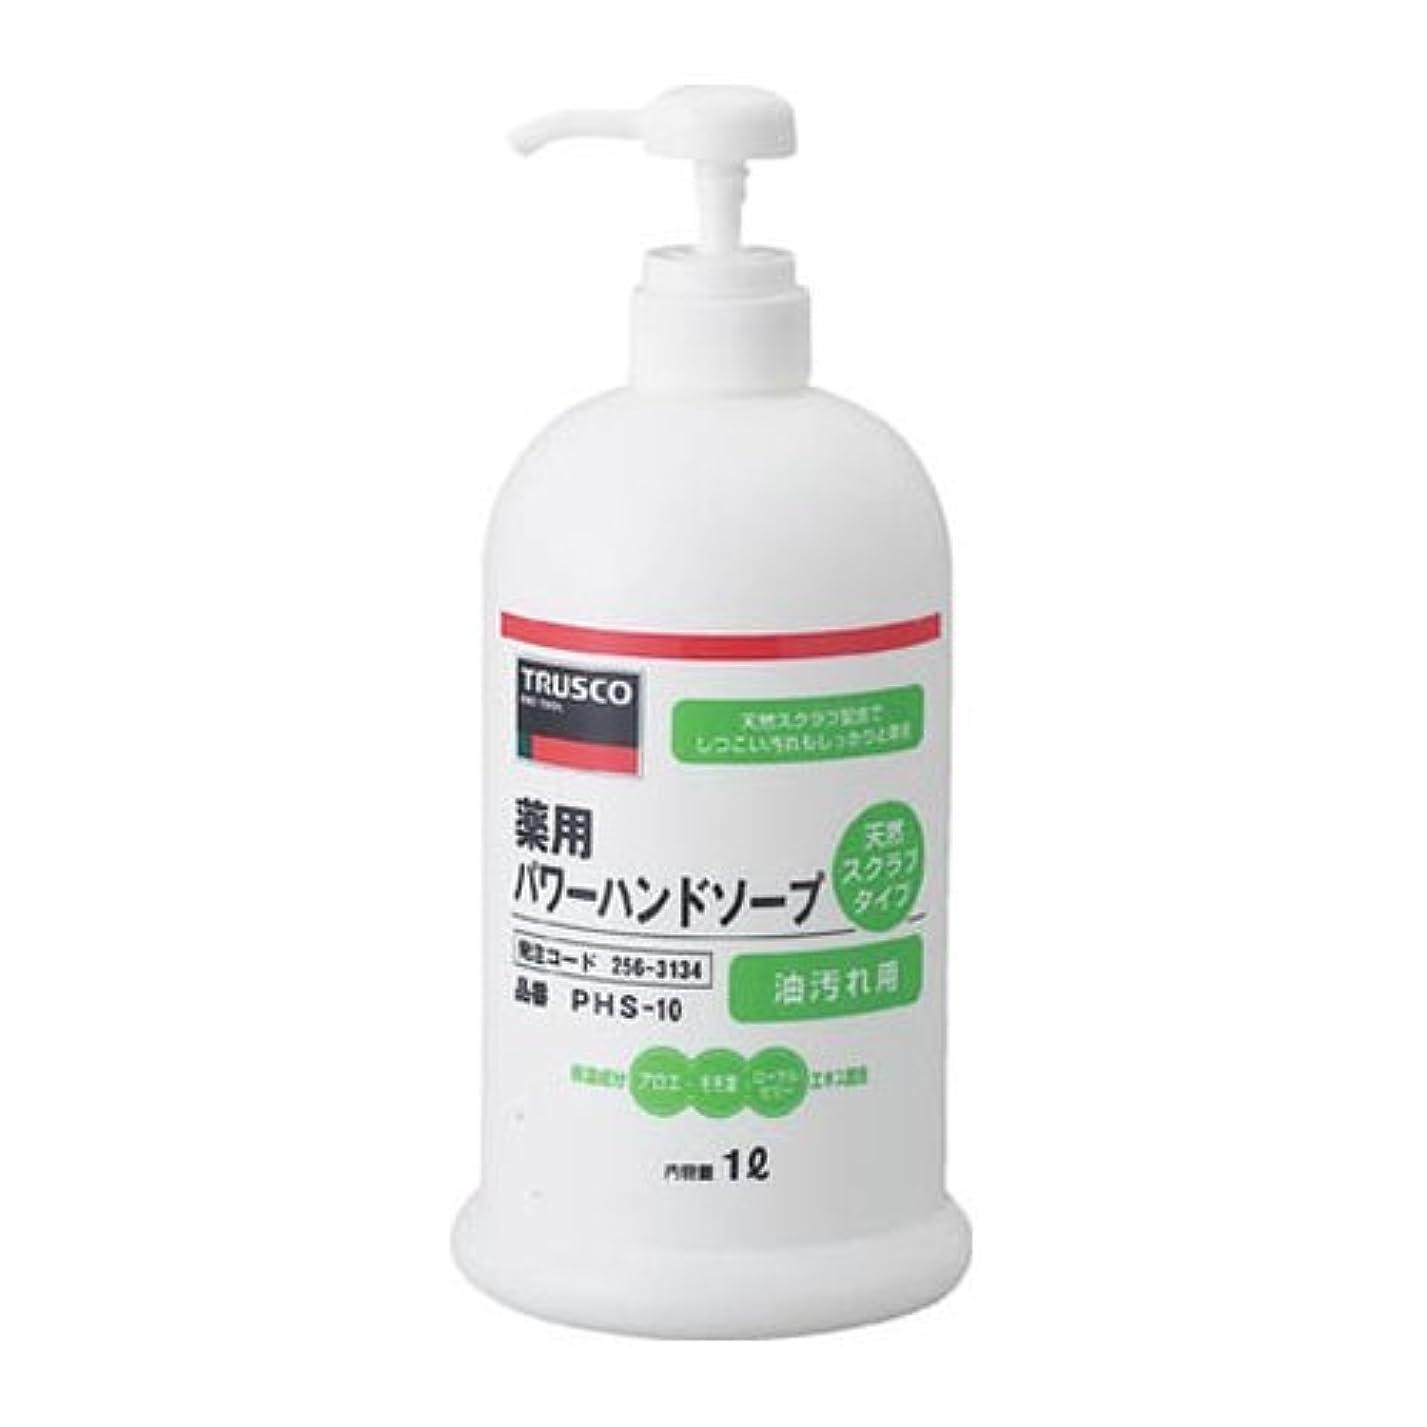 加入失望誘導TRUSCO 薬用パワーハンドソープポンプボトル1.0L